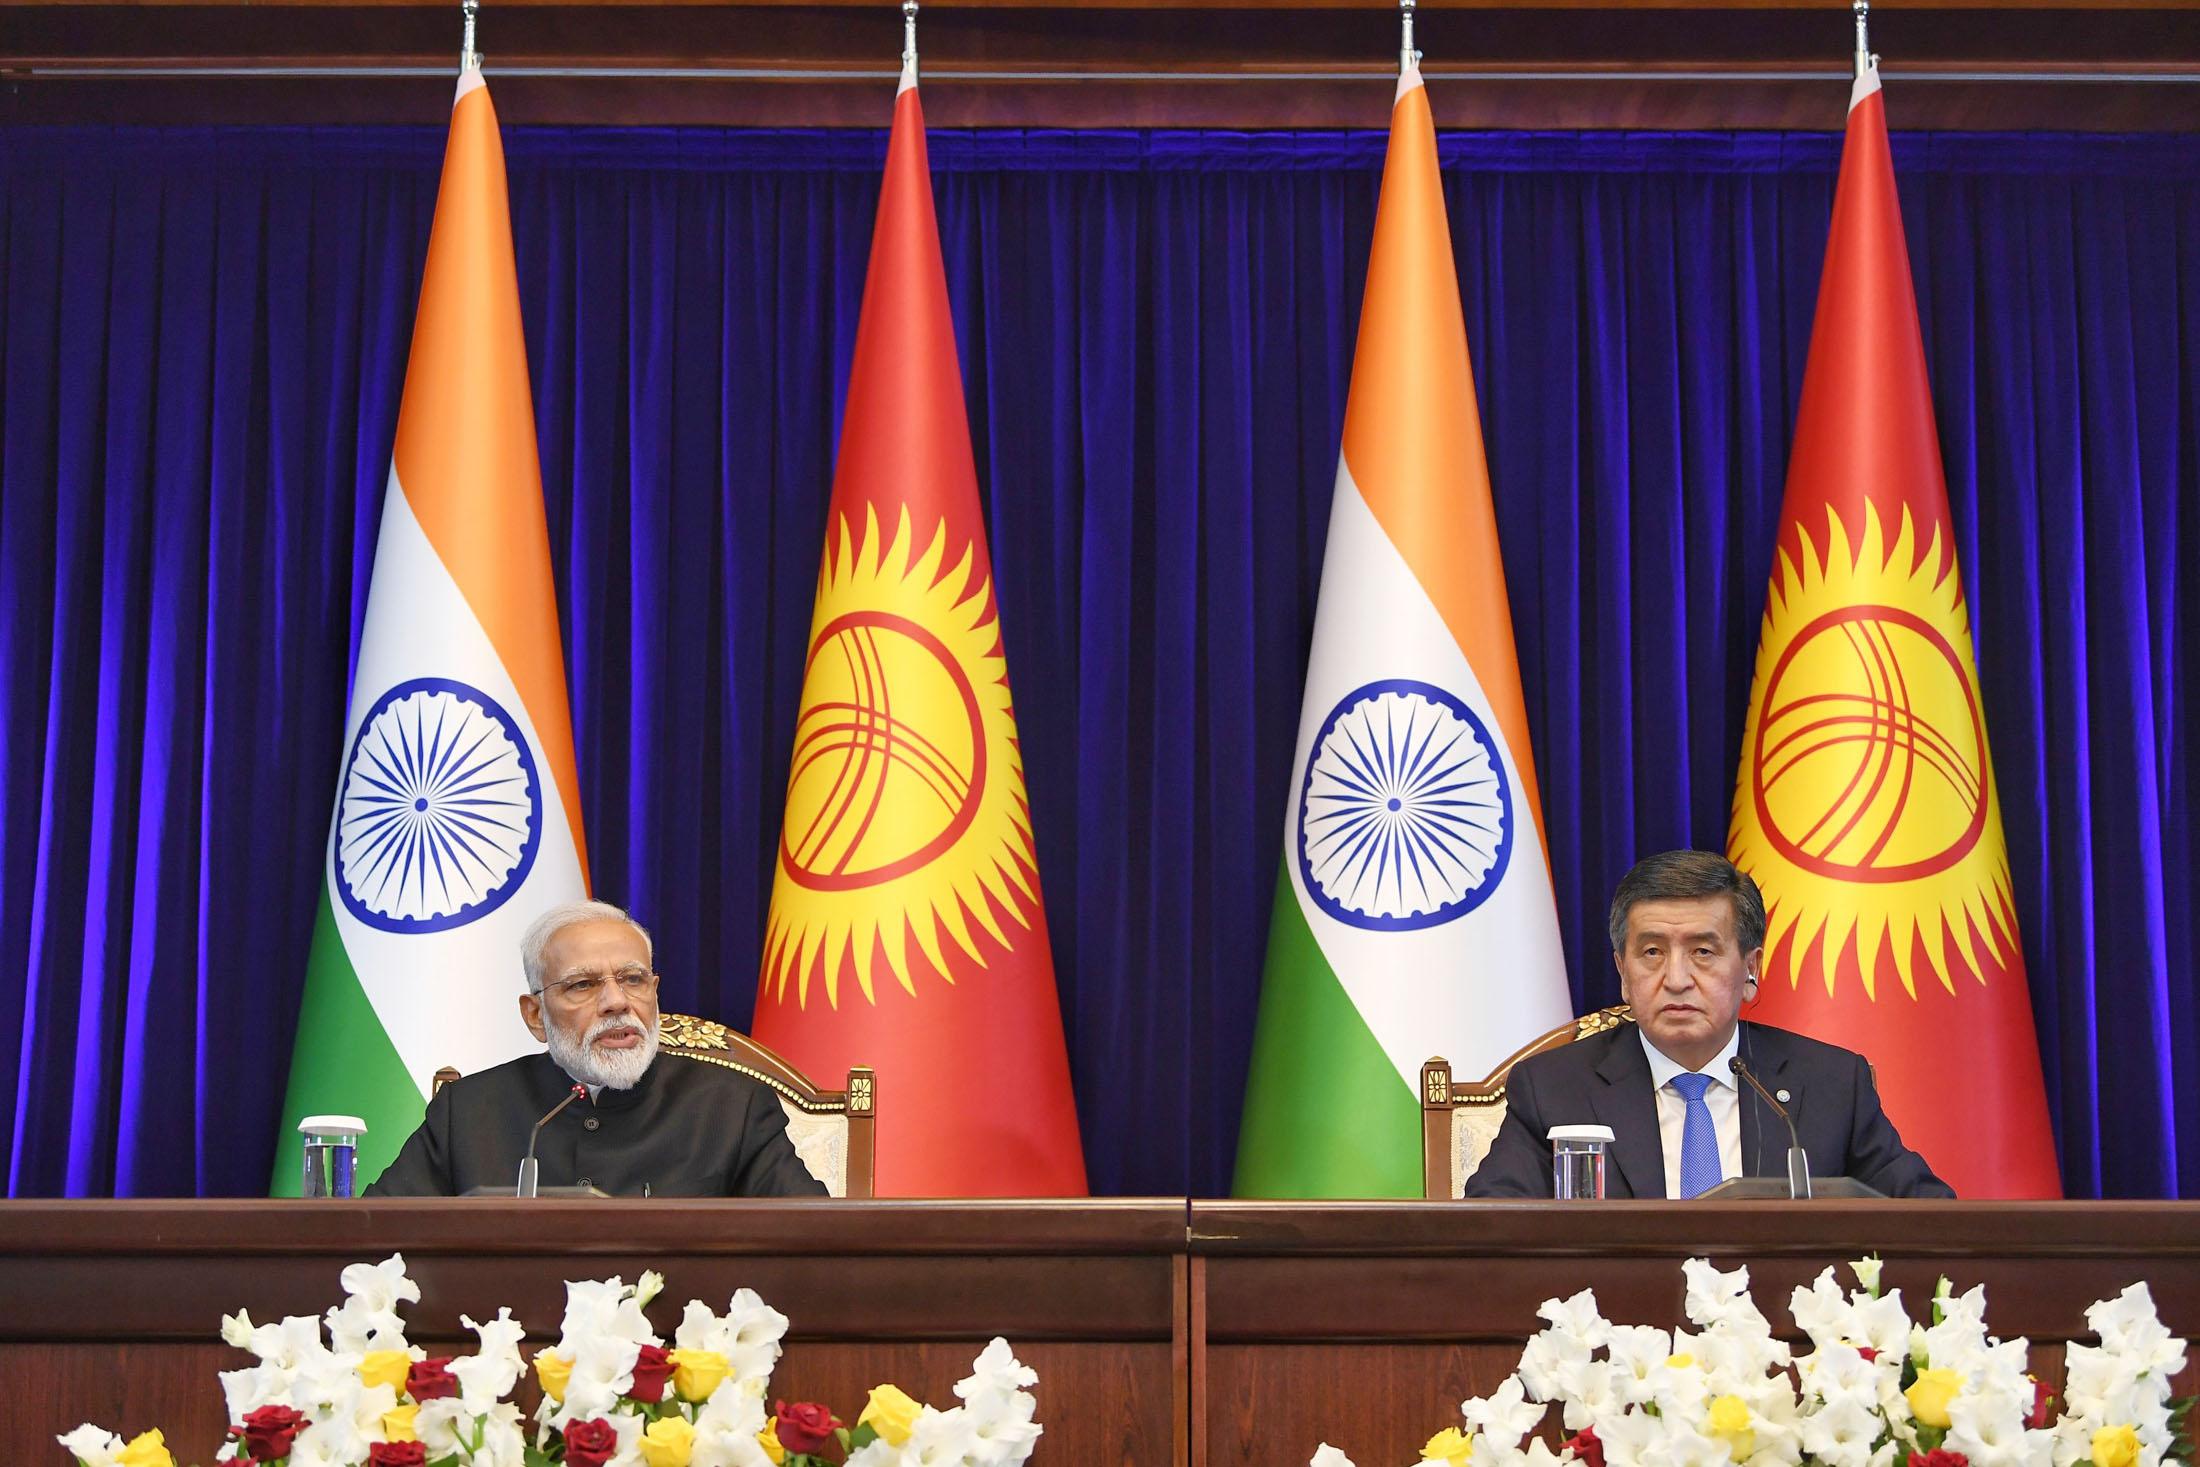 प्रधानमंत्री की किर्गिस्तान की यात्रा के दौरान भारत और किर्गिस्तान के बीच घोषणाओं/समझौतों की सूची